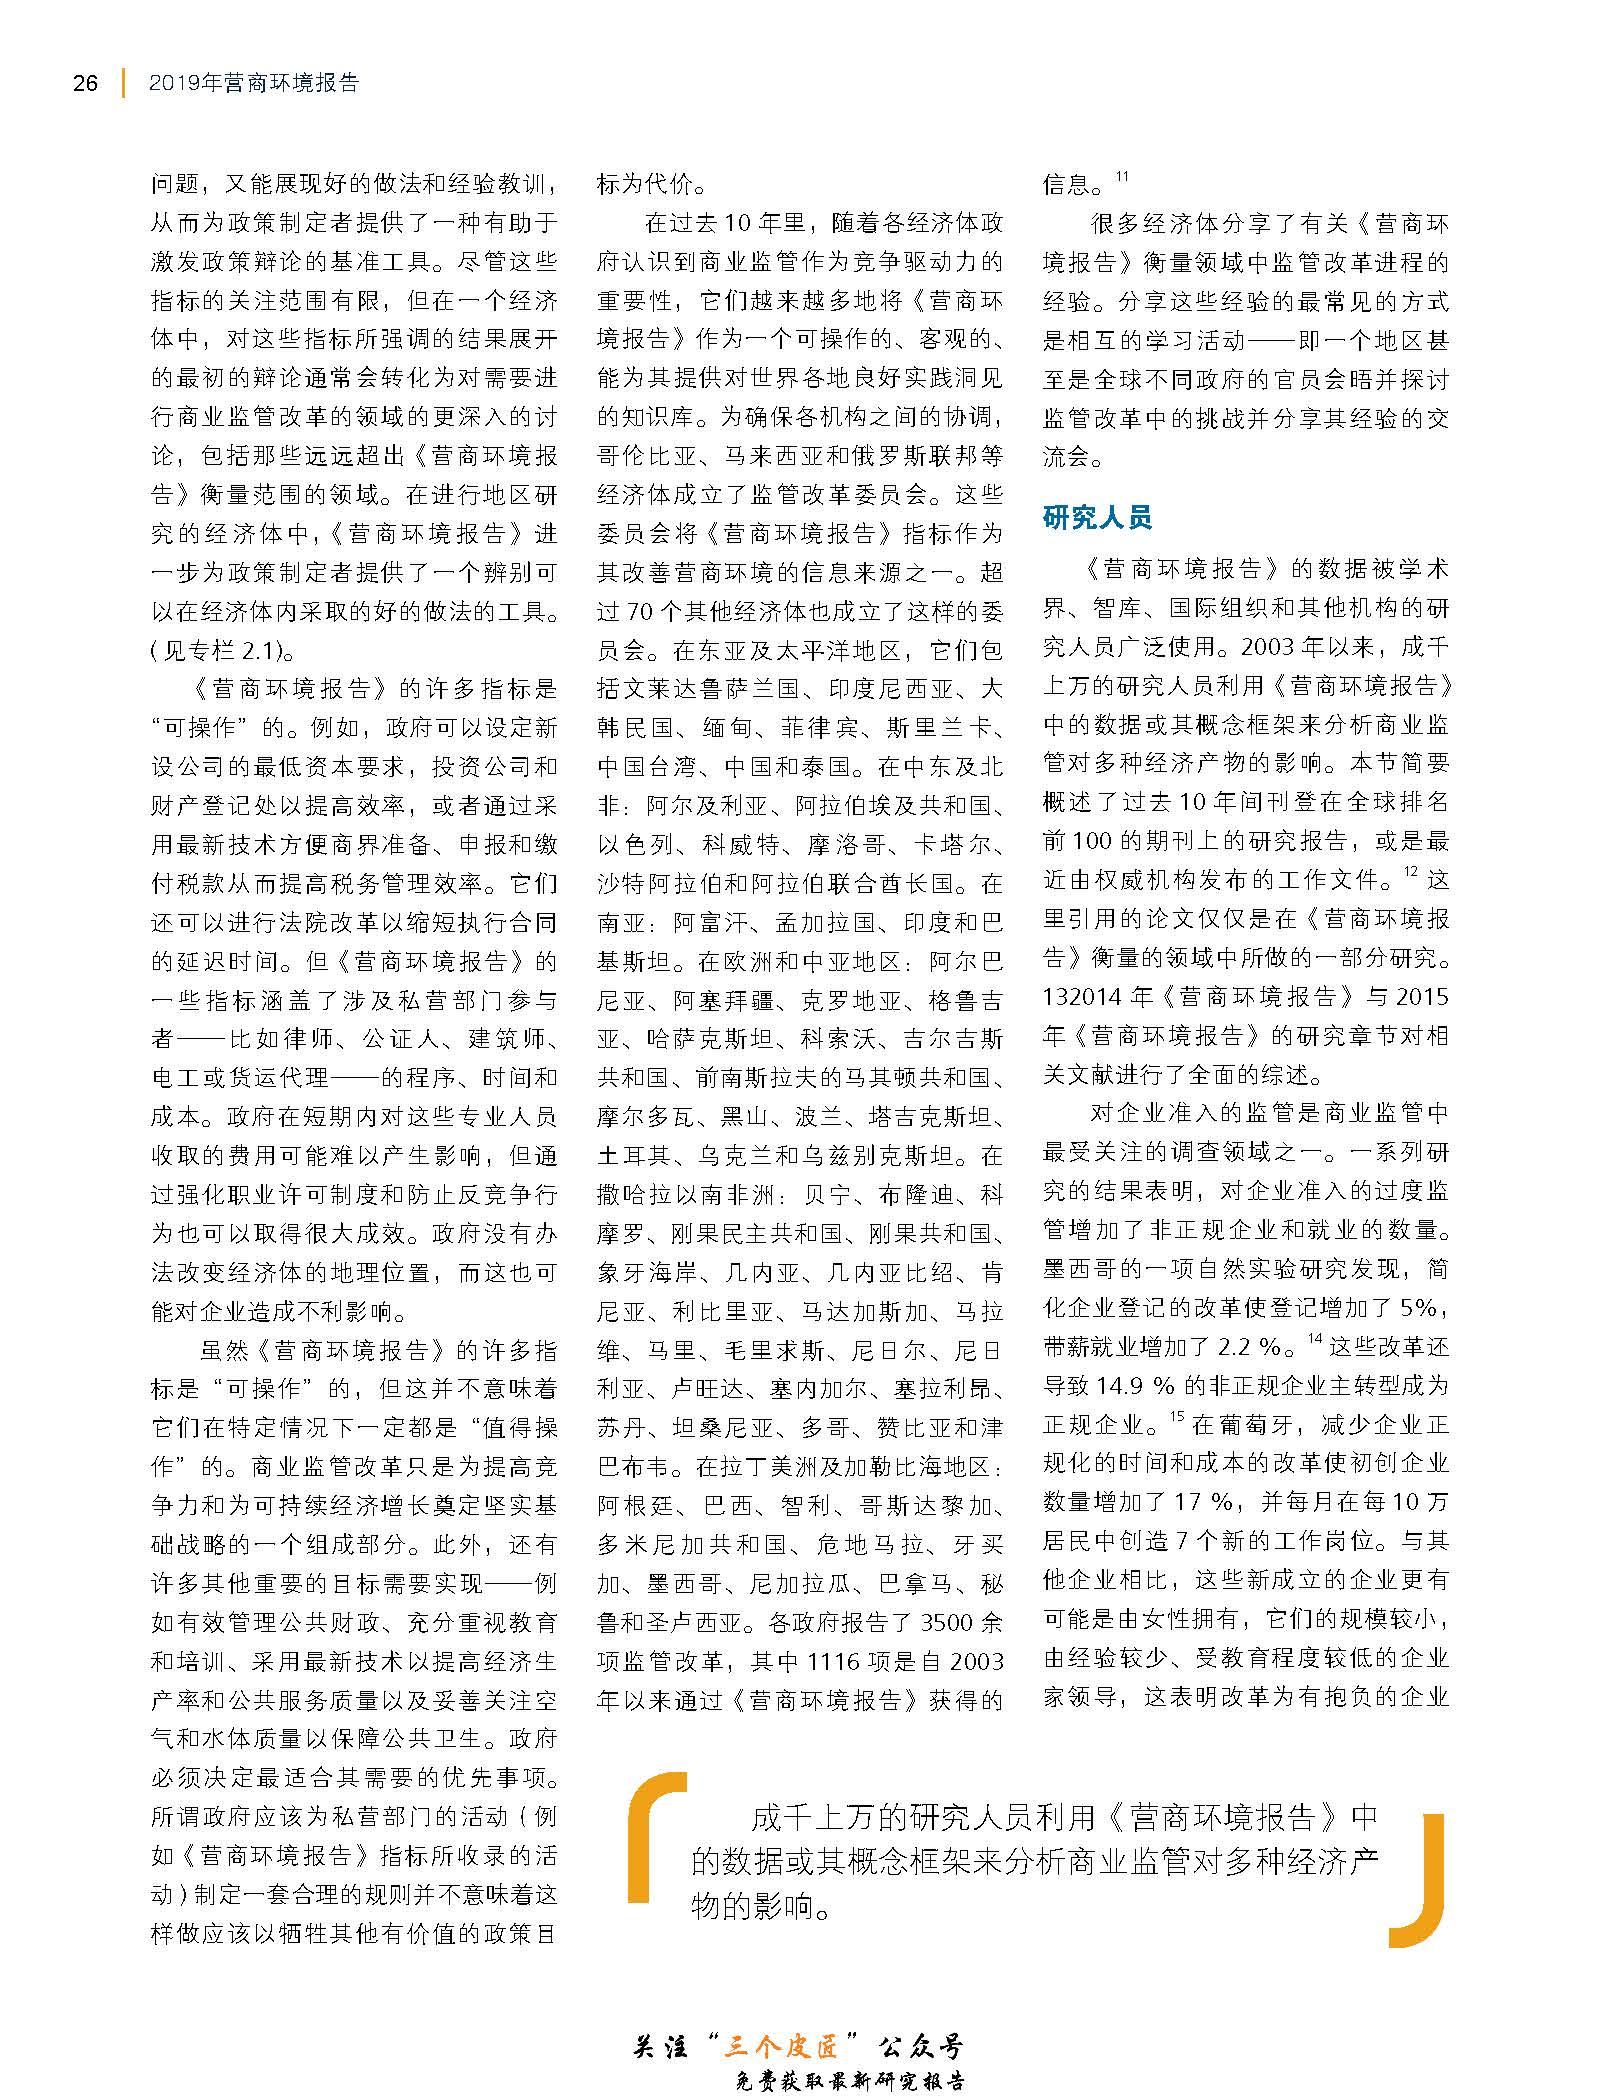 1_页面_033.jpg